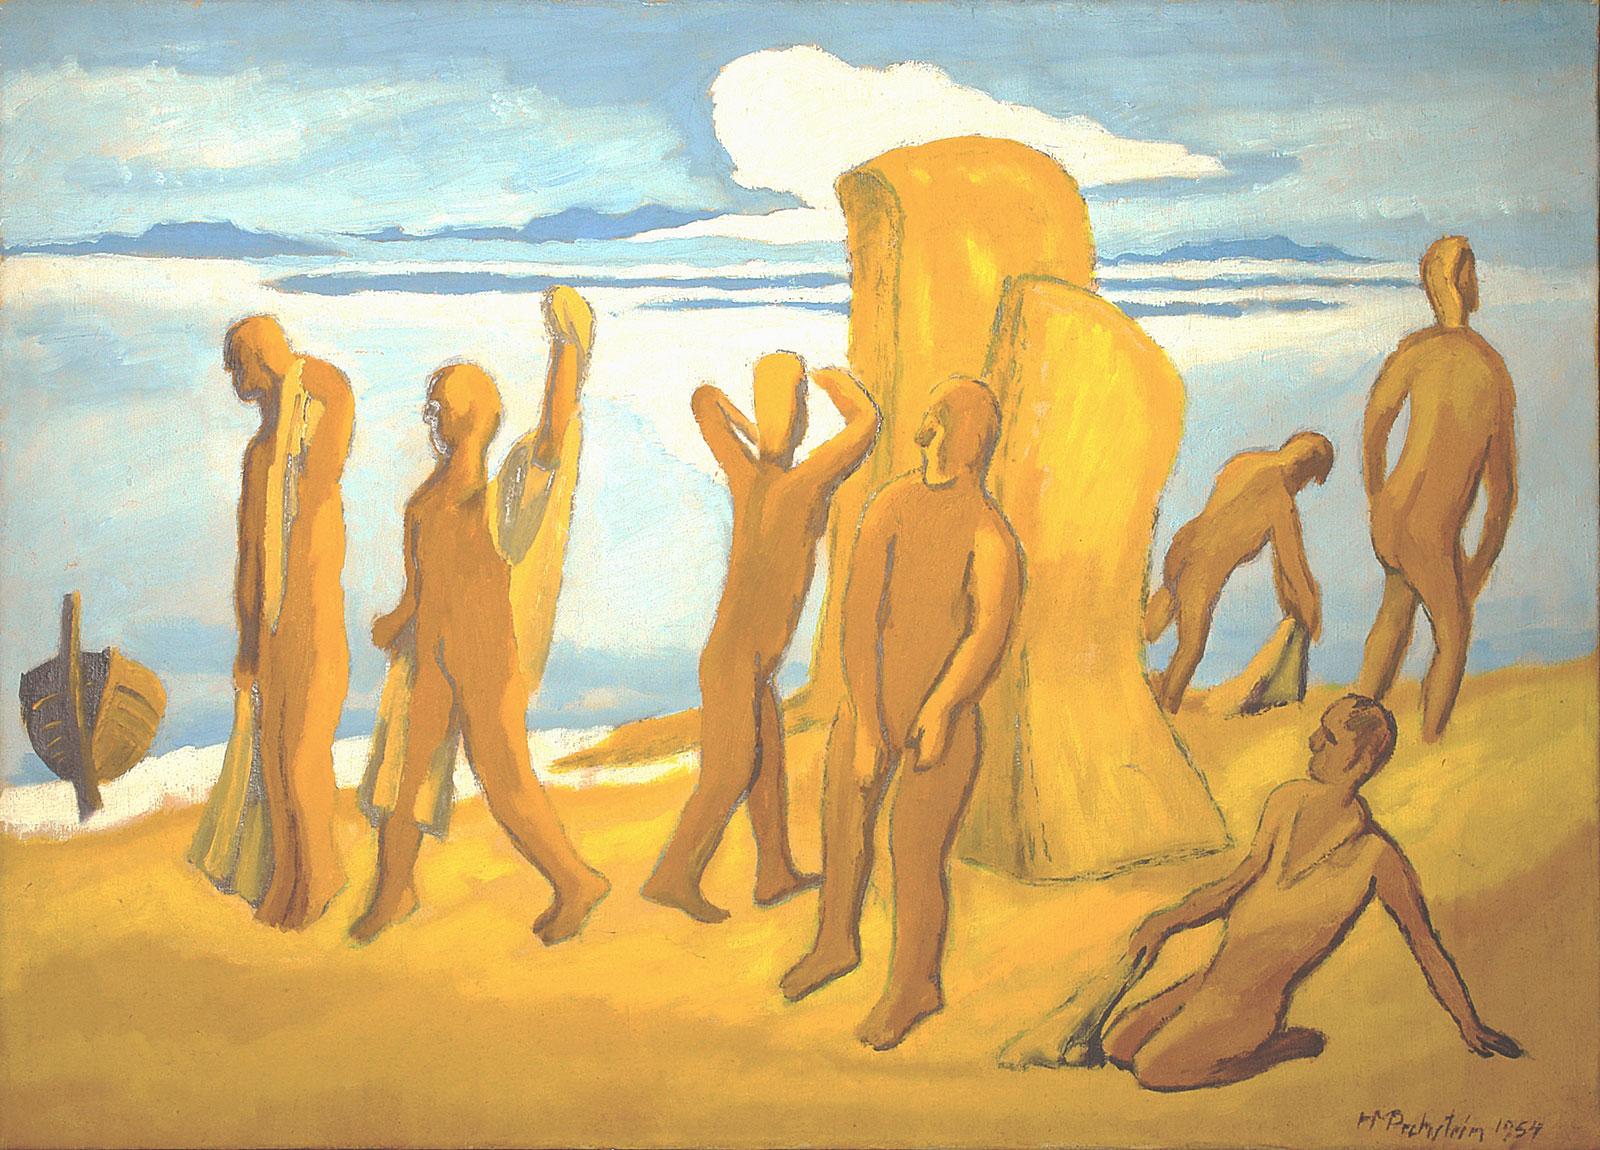 Max Pechstein, Am Strand, 1954, Öl auf Leinwand, 80 x 110 cm, © 2011 Pechstein - Hamburg/ Tökendorf, Foto: Alexander Pechstein